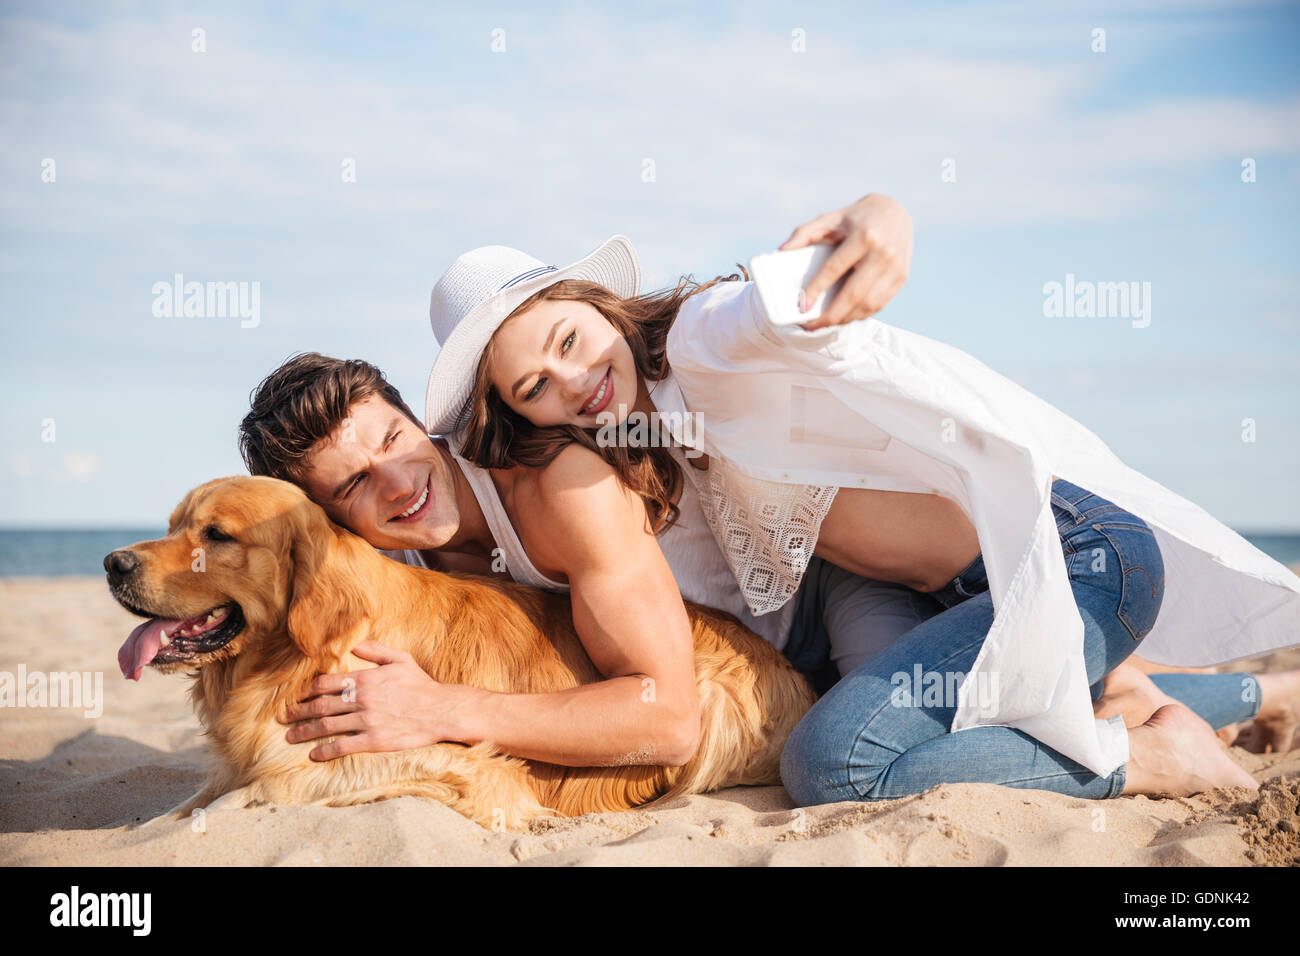 Sorridente coppia giovane con cane parlando selfie con lo smartphone sulla spiaggia Immagini Stock